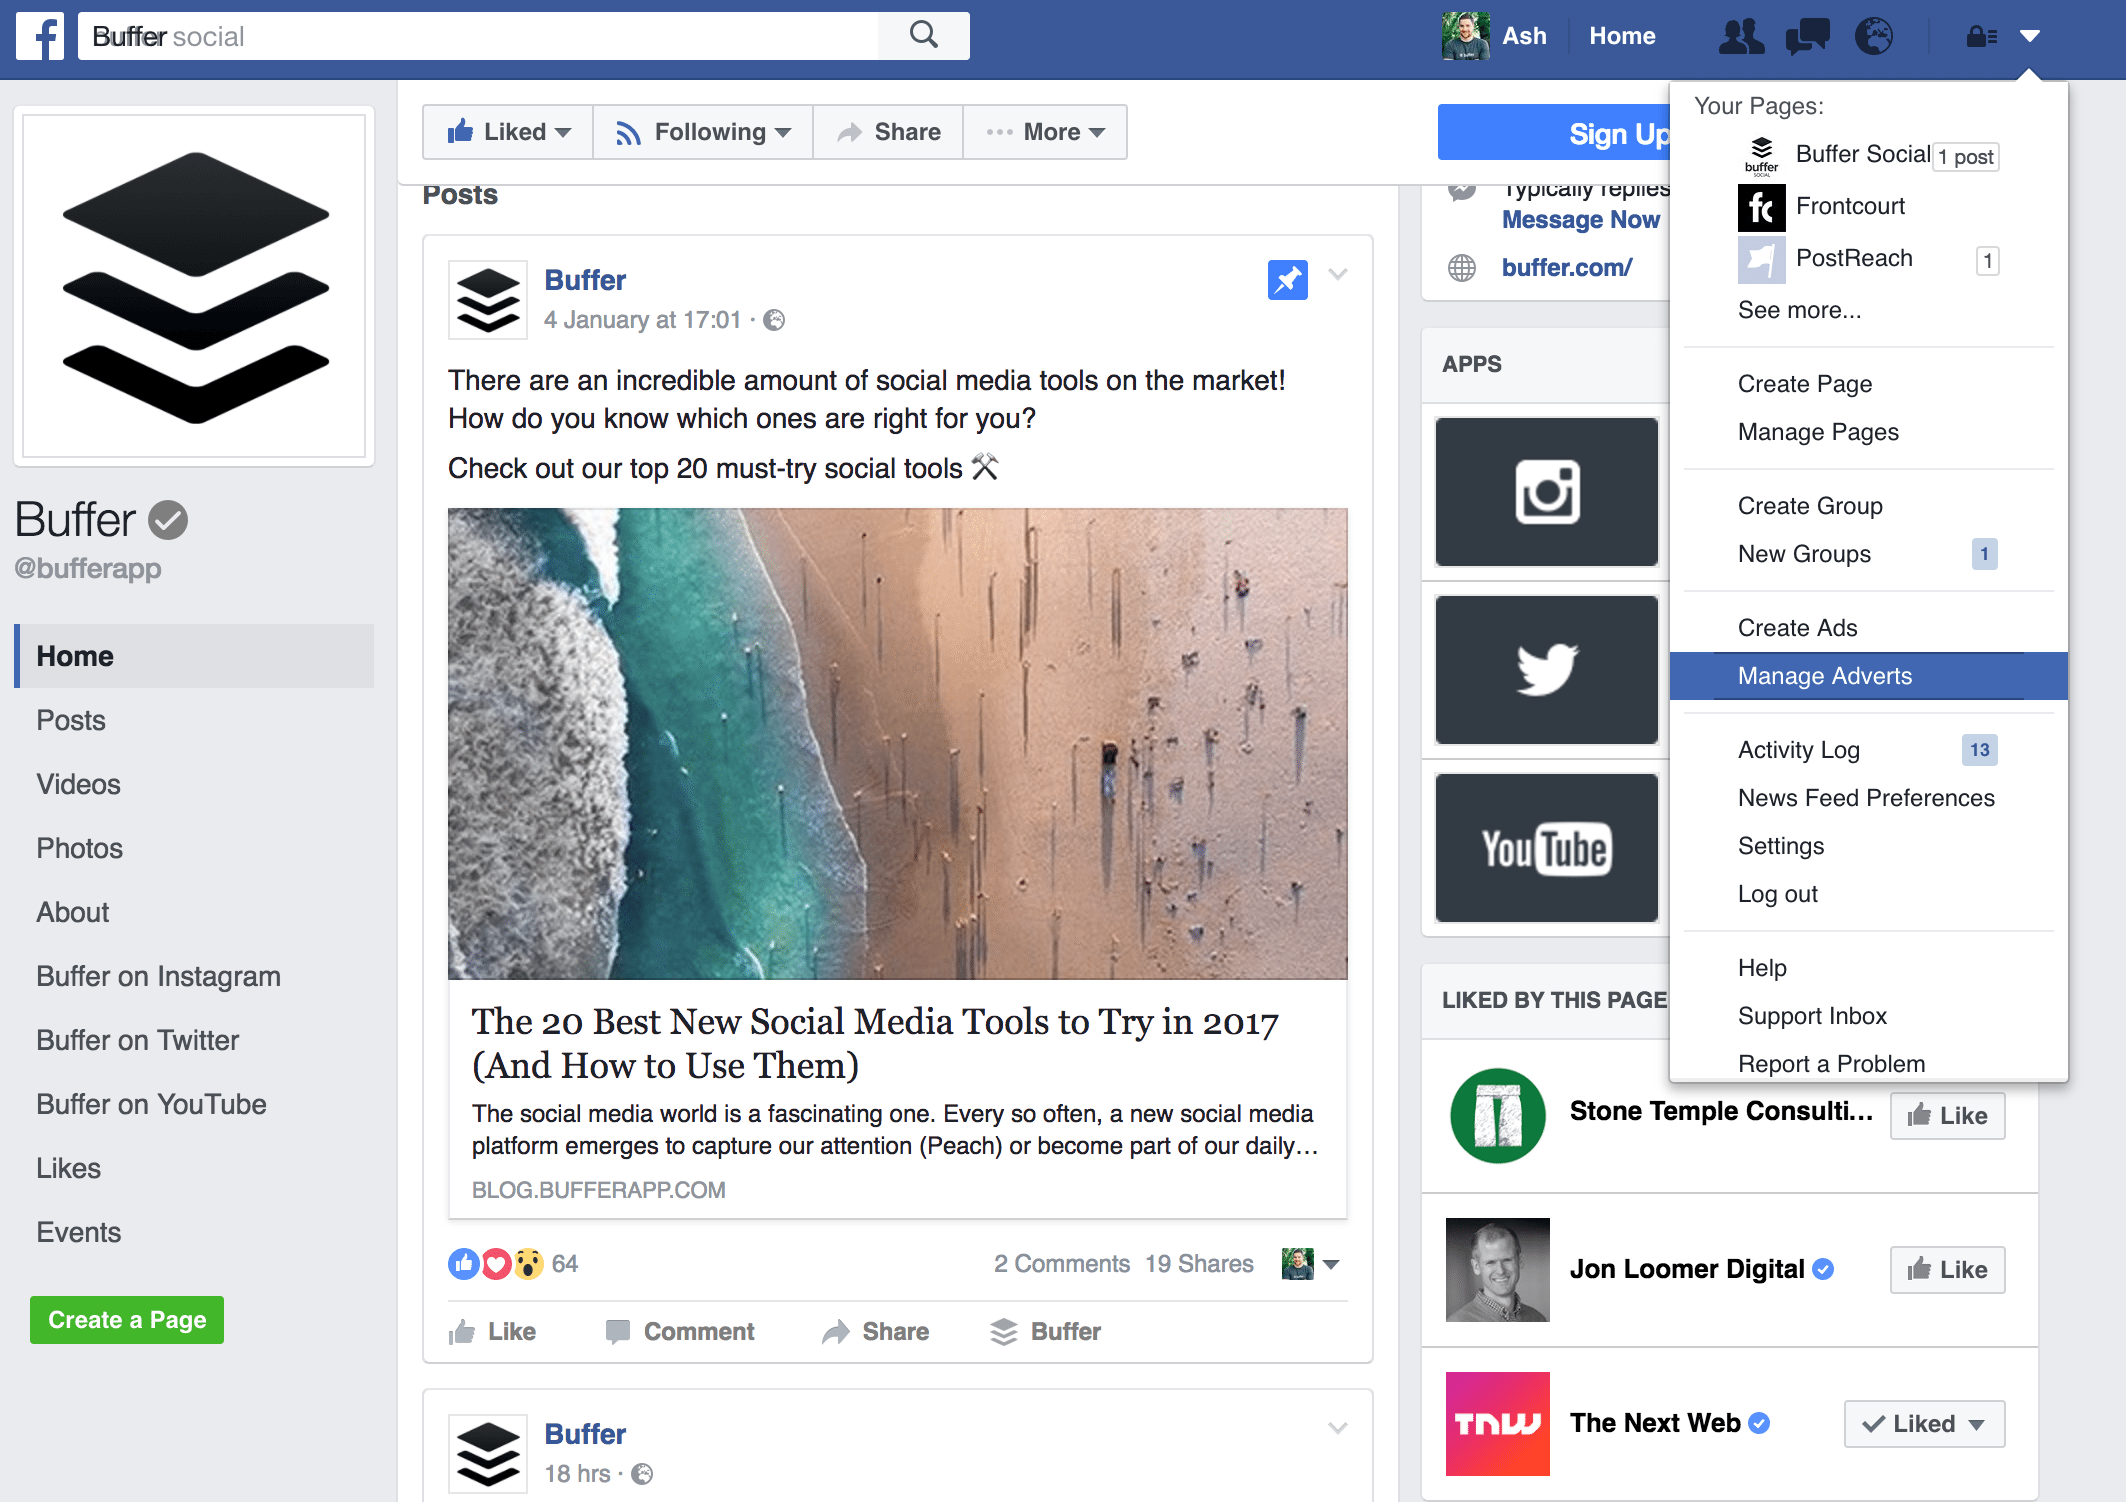 Quảng cáo Facebook Ads là gì? - Nhanh.vn